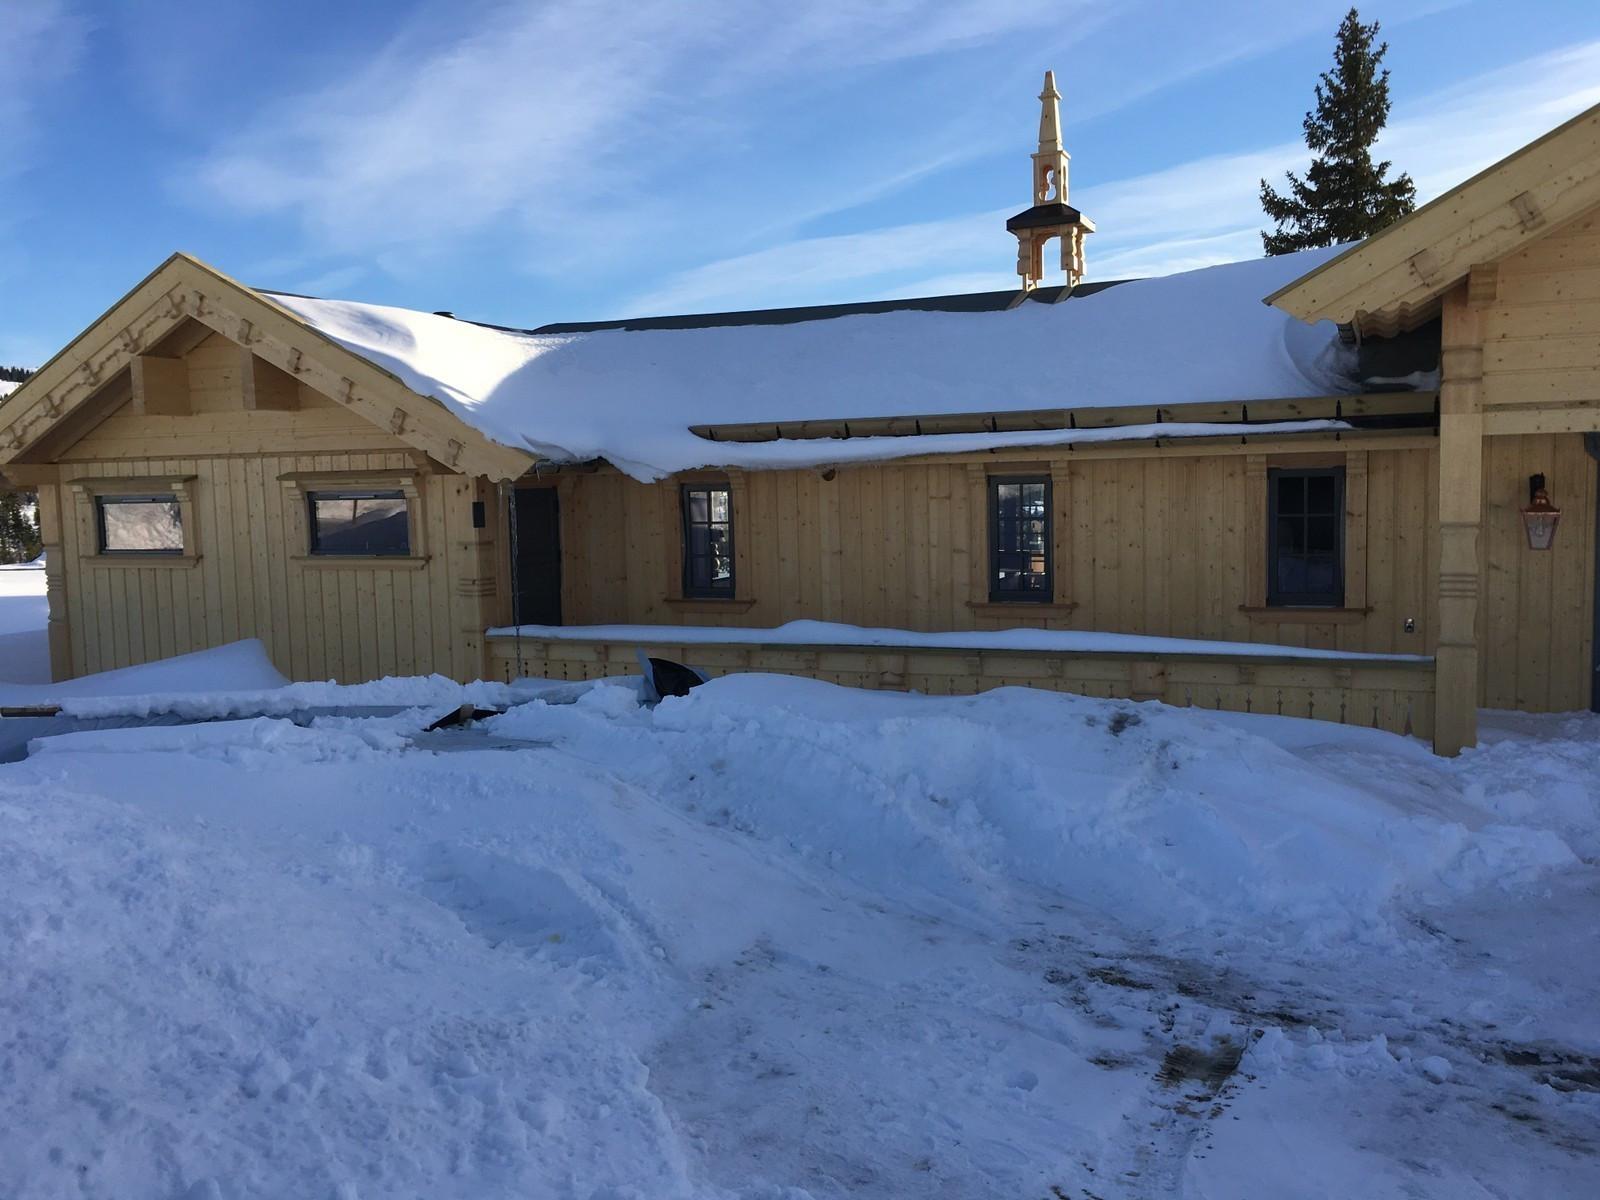 Bilde fra en tilsvarende hytte, med kundetilpasning og tilvalg.